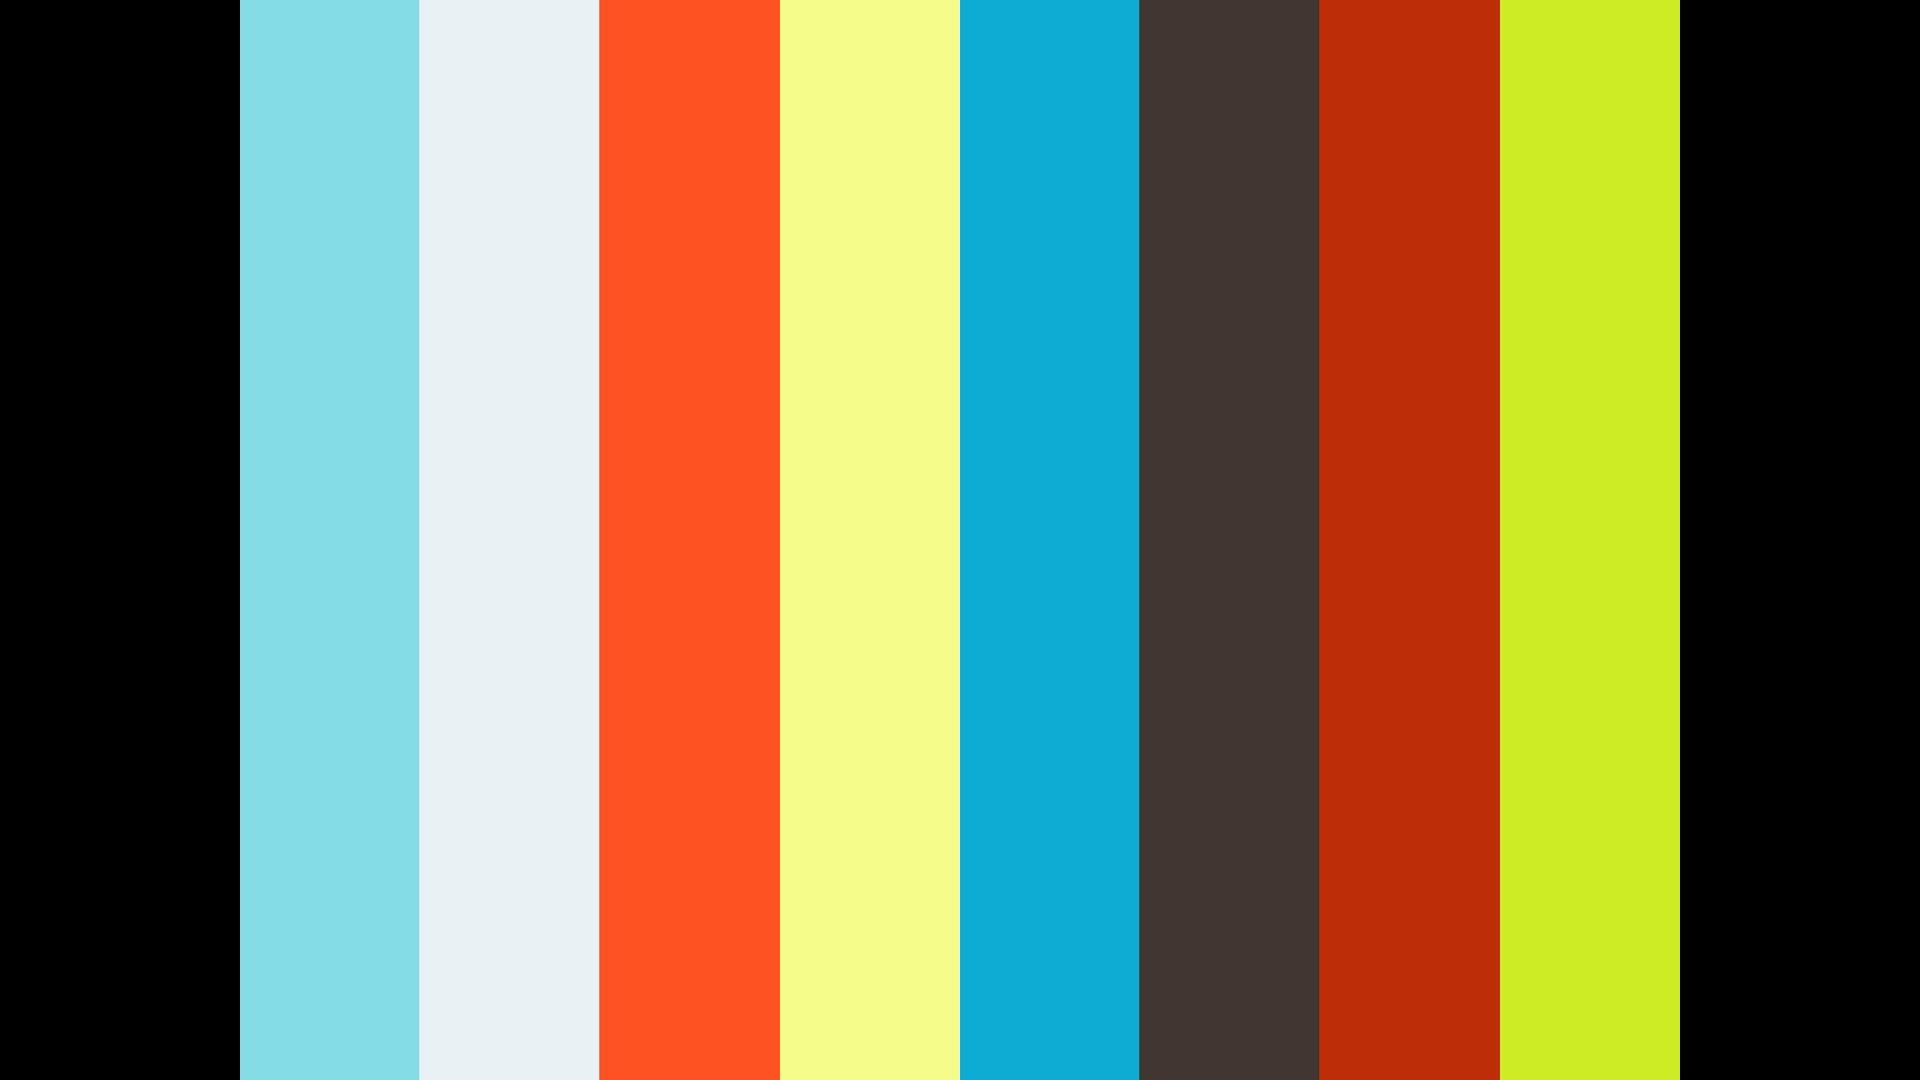 Il passato dai colori vividi di Grafiche Antonelli